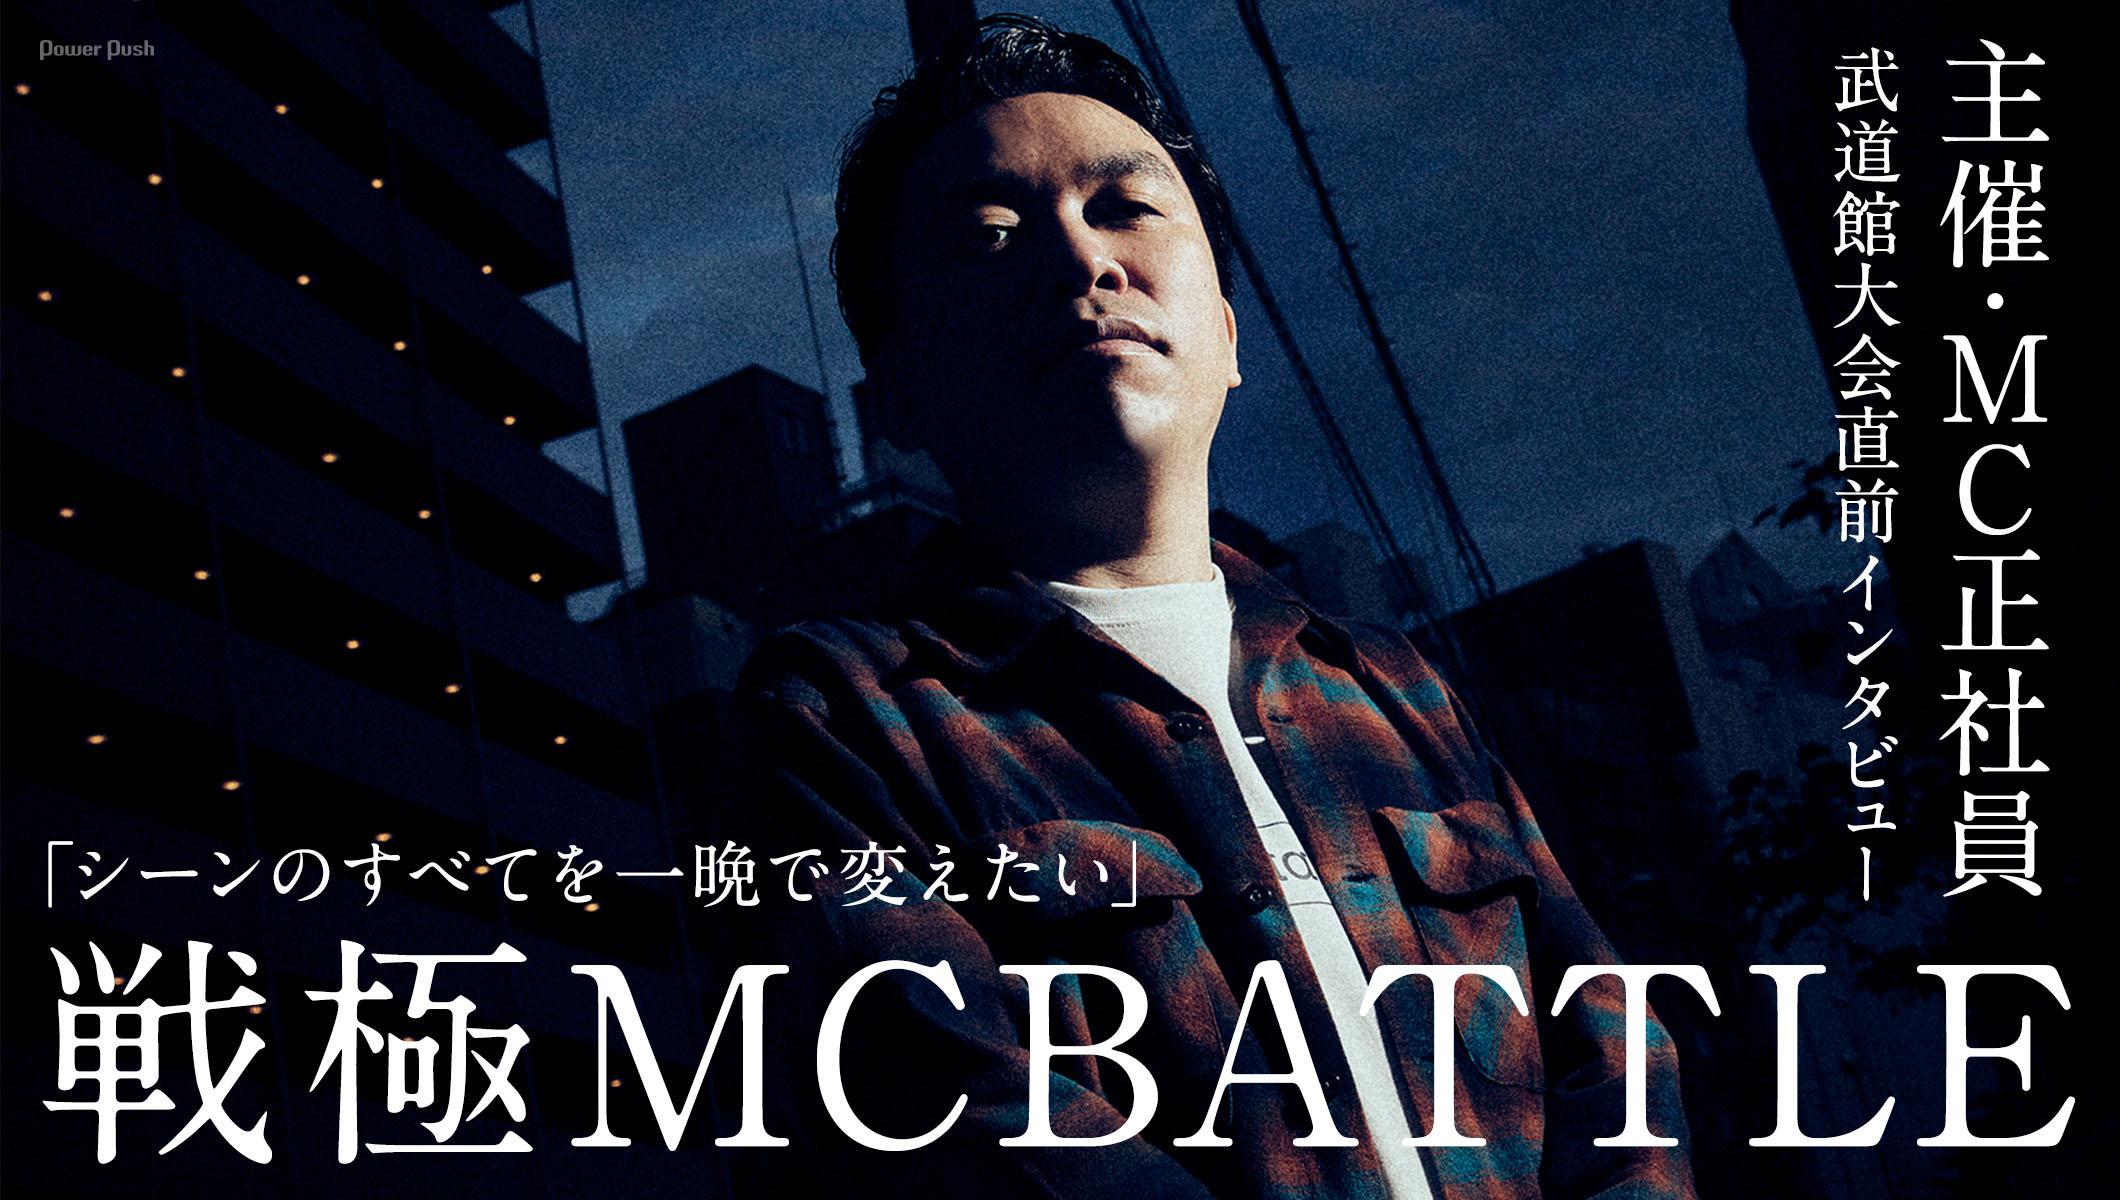 「戦極MCBATTLE」主催・MC正社員 武道館大会直前インタビュー|「MCバトルより面白いものはないし、バトラーは最高にカッコいい」